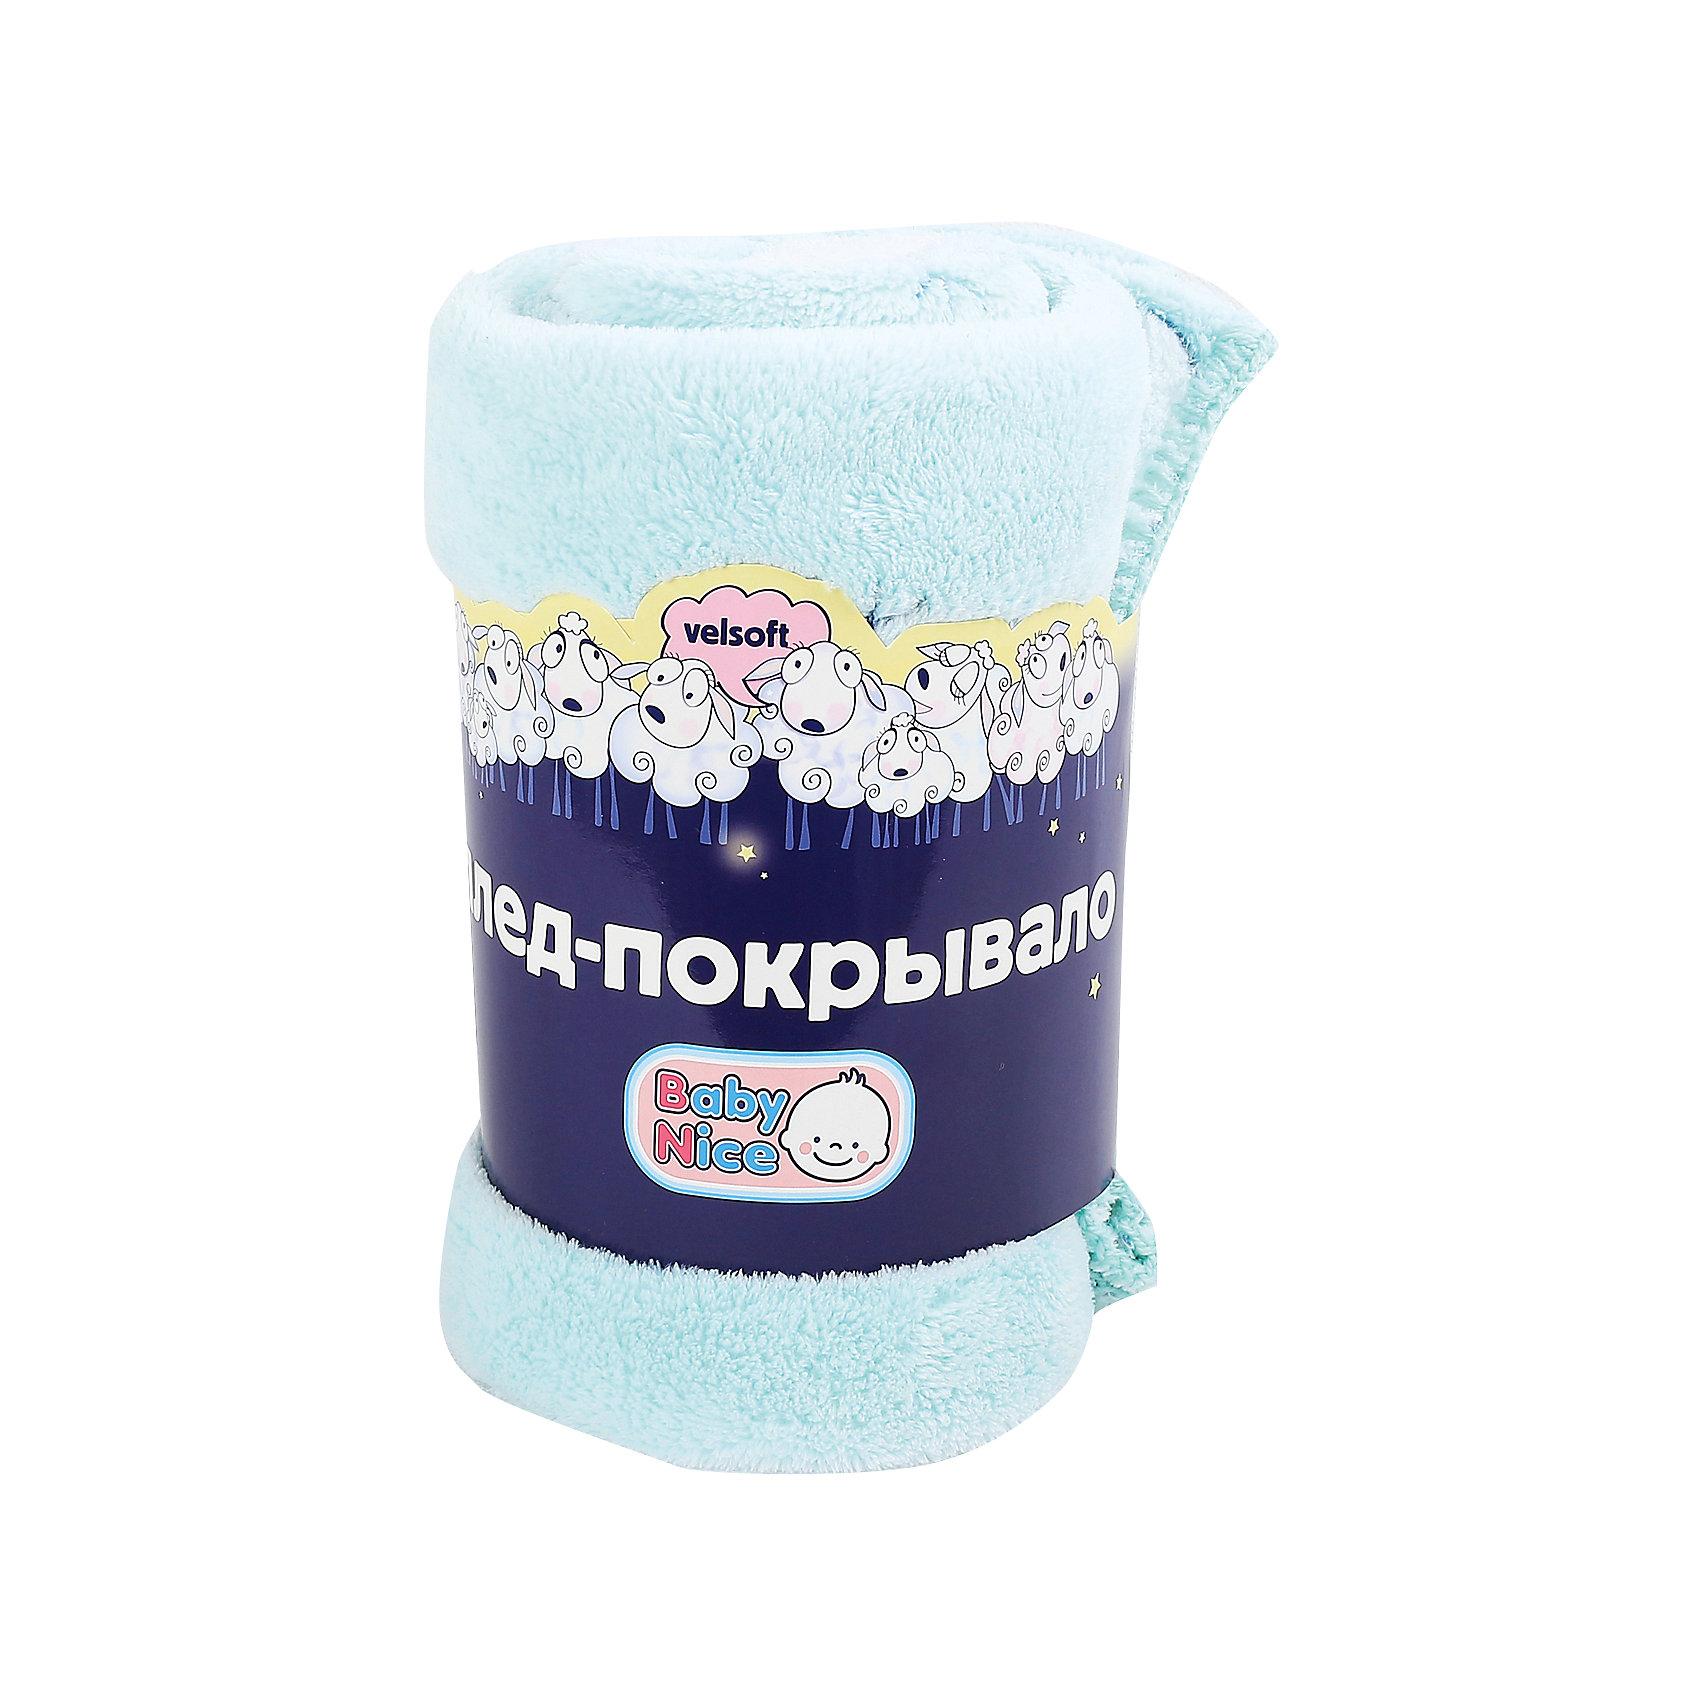 Плед-покрывало Птичка Velsoft 100х150, Baby Nice, бирюзовыйОдеяла, пледы<br>Плед с милым принтом подходит для использования дома или на улице, так же он может служить покрывалом на детскую кроватку. Нежная расцветка и ненавязчивый принт прекрасно впишутся в интерьер детской комнаты. Плед выполнен из высококачественных гипоаллергенных материалов, приятен на ощупь, безопасен для детей. <br><br>Дополнительная информация:<br><br>- Материал: 100% микрофибра.<br>- Обработка швов: оверлок.<br>- Размер: 100х150 см.<br>- Цвет: бирюзовый.<br>- Принт: принт.<br><br>Плед-покрывало Птичка 100х150 Velsoft , Baby Nice (Беби Найс), бирюзовое, можно купить в нашем магазине.<br><br>Ширина мм: 10<br>Глубина мм: 10<br>Высота мм: 30<br>Вес г: 500<br>Цвет: голубой<br>Возраст от месяцев: 0<br>Возраст до месяцев: 60<br>Пол: Унисекс<br>Возраст: Детский<br>SKU: 4058285